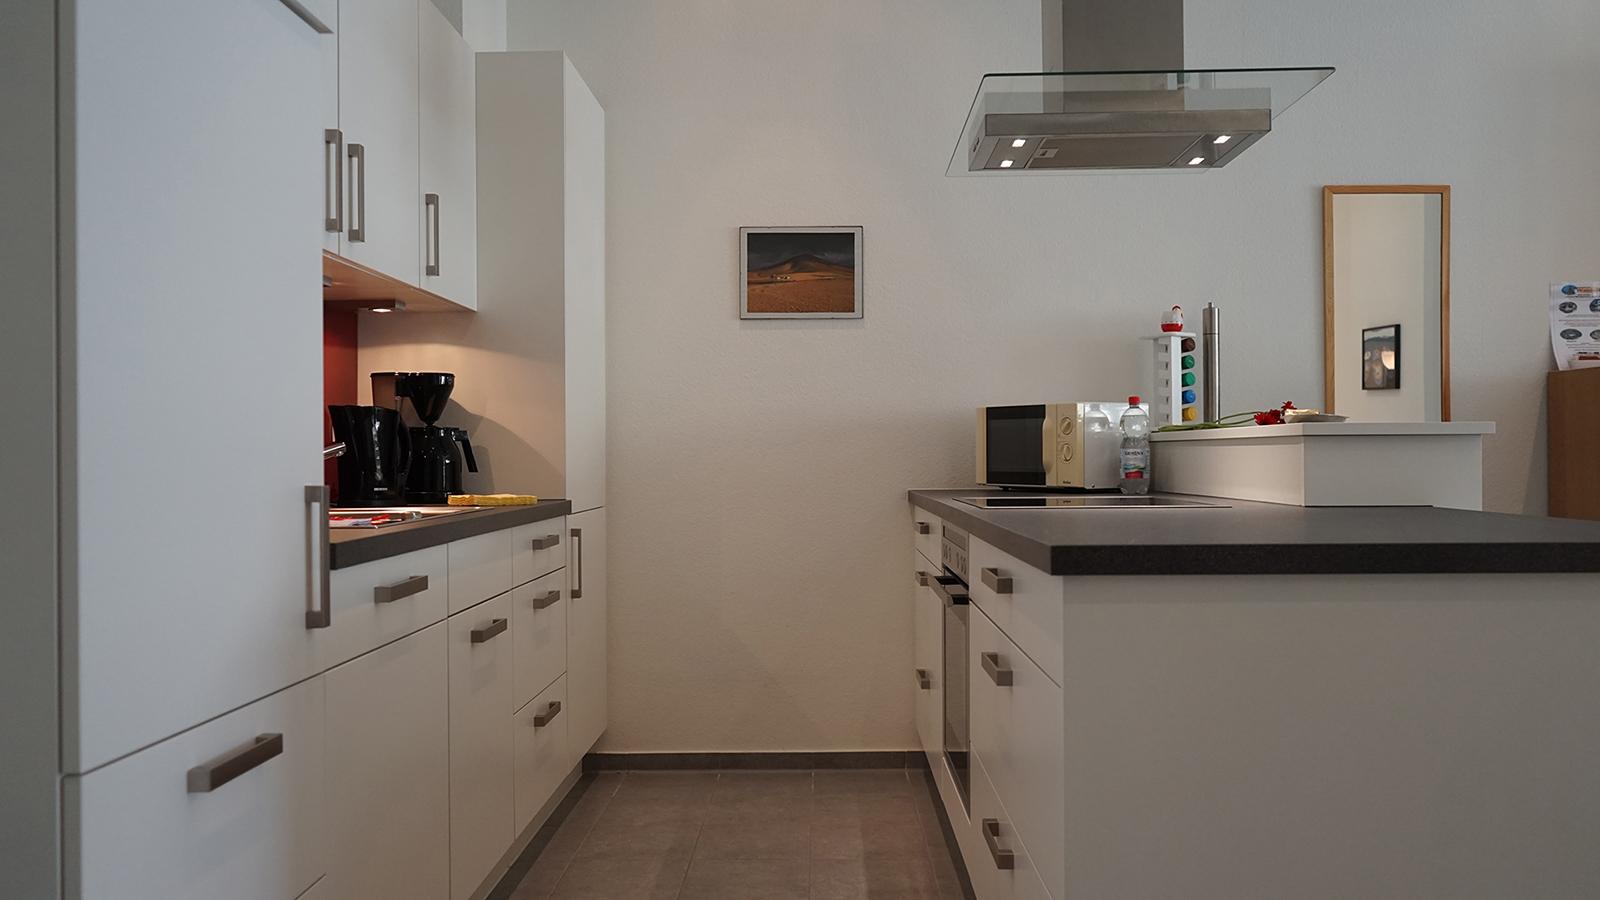 Ferienwohnung am Bodensee: Deluxe - Küche